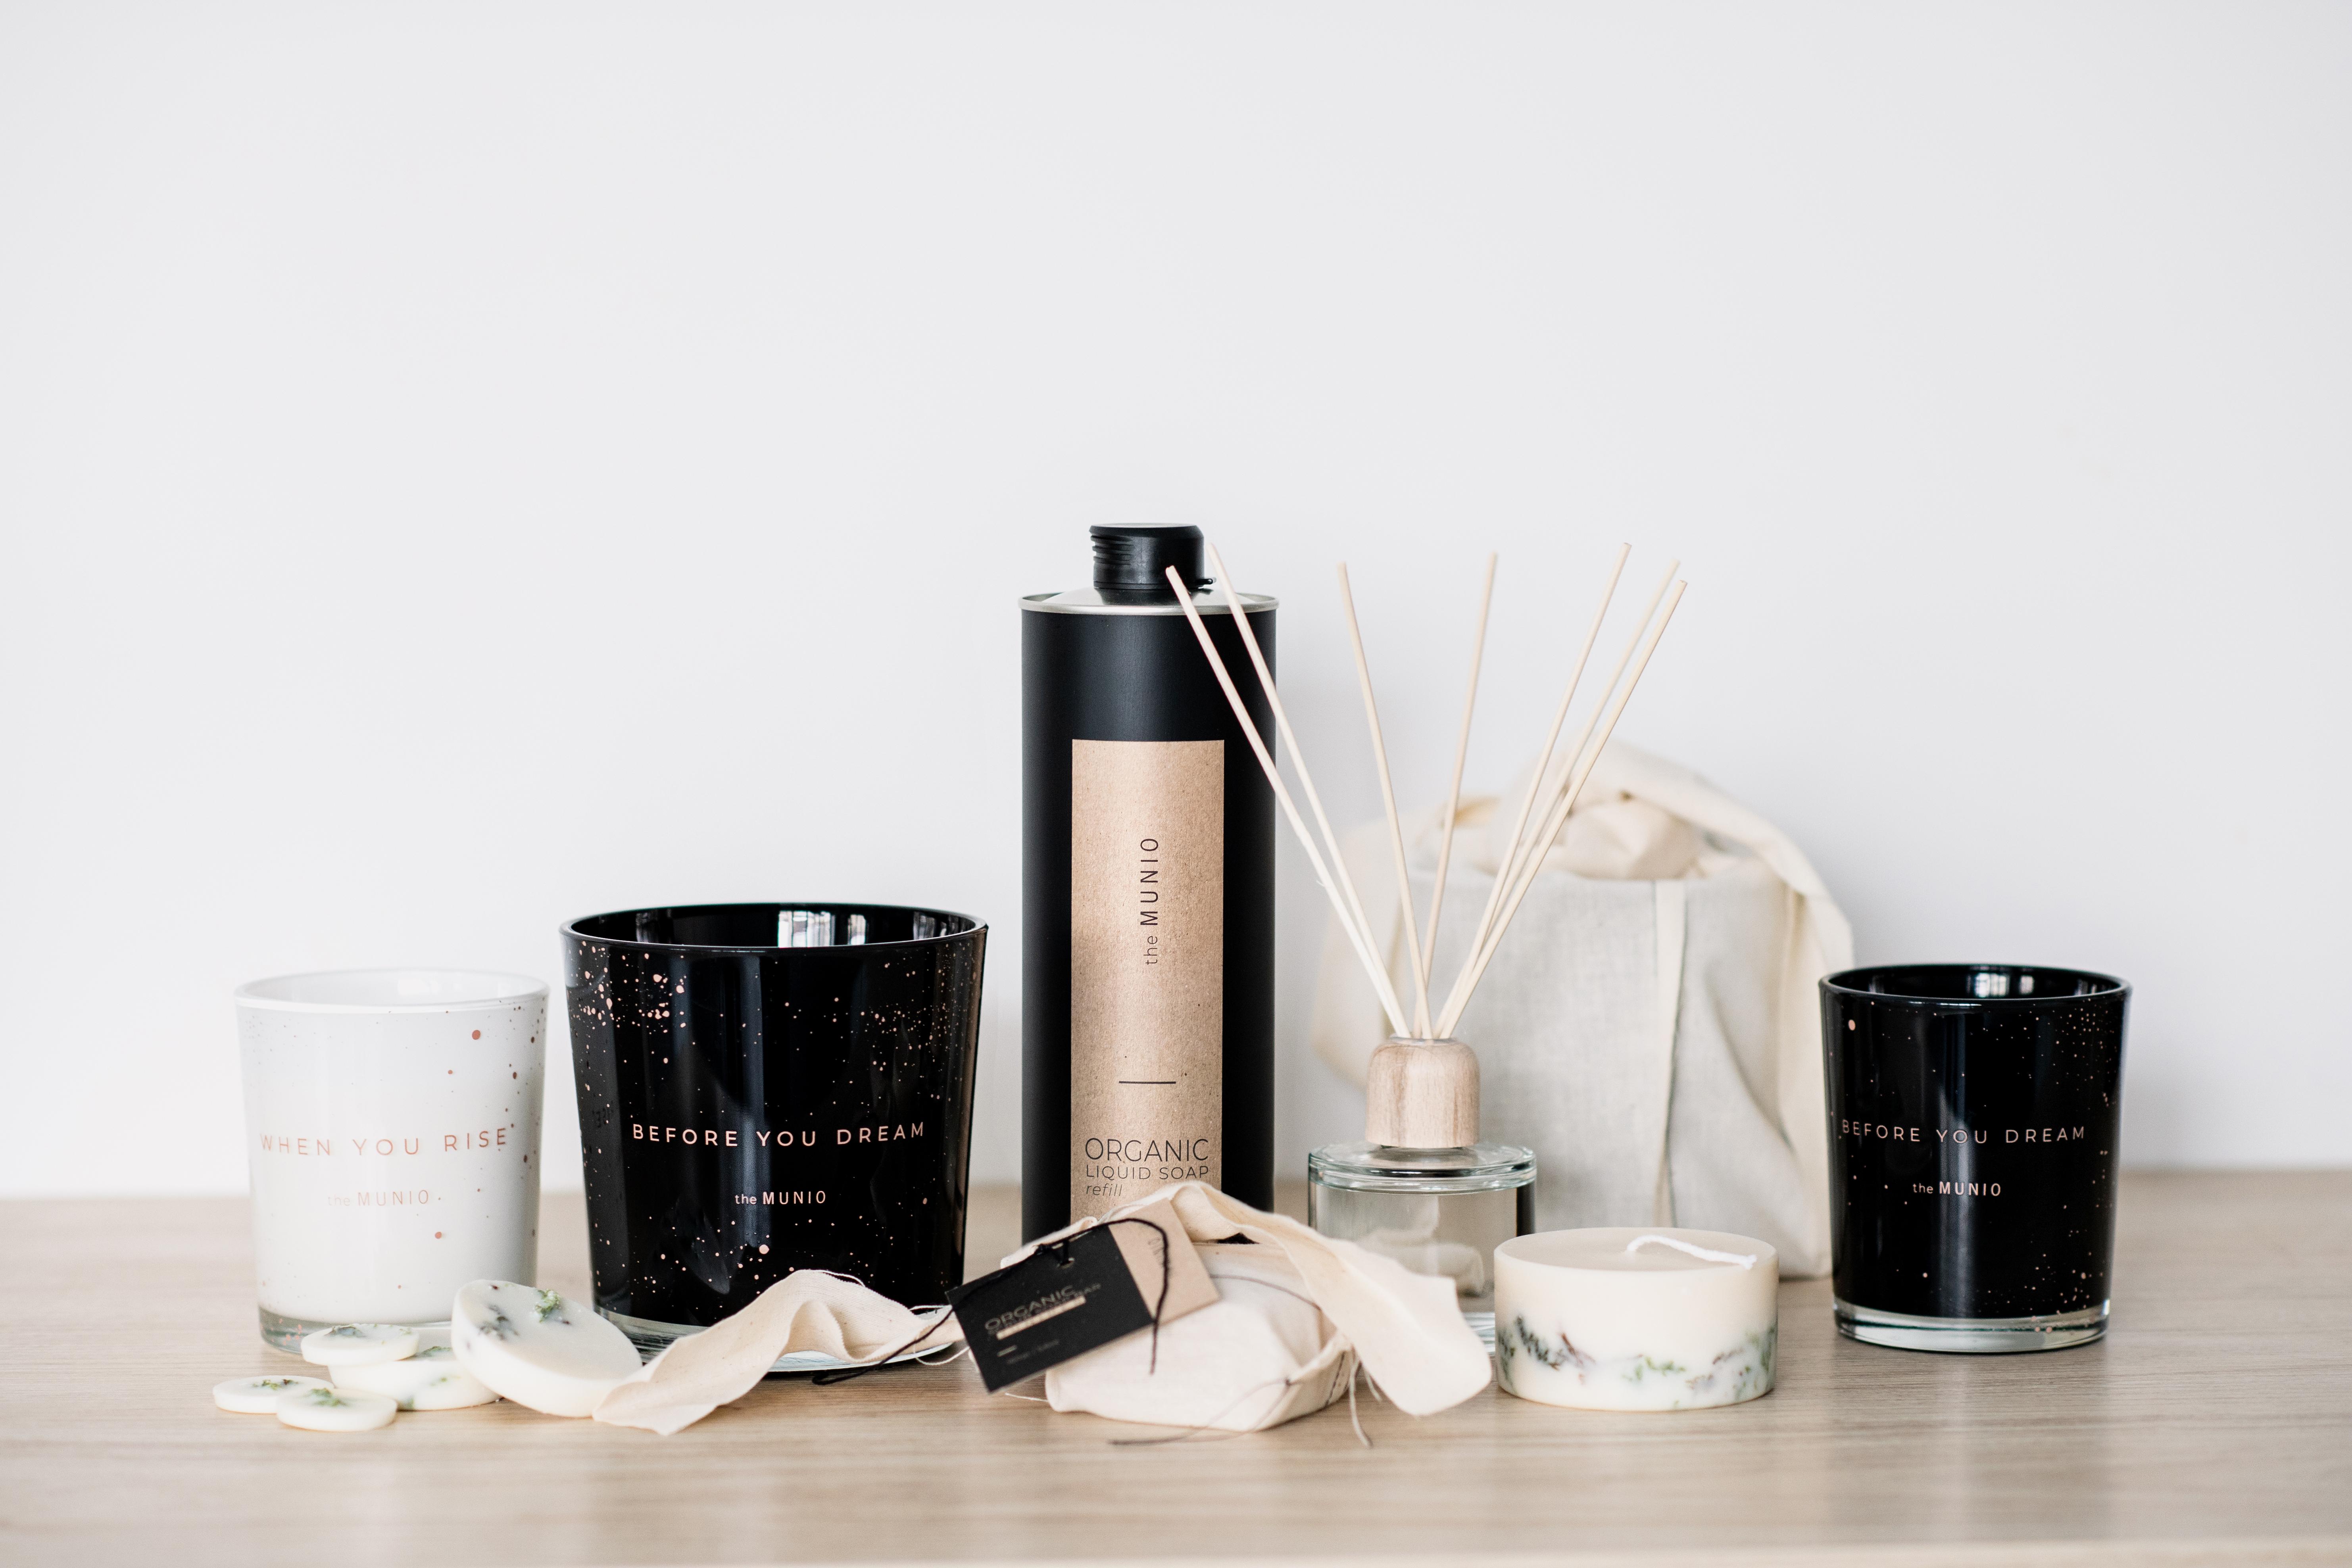 Immagine ritraente la collezione vitale di candele